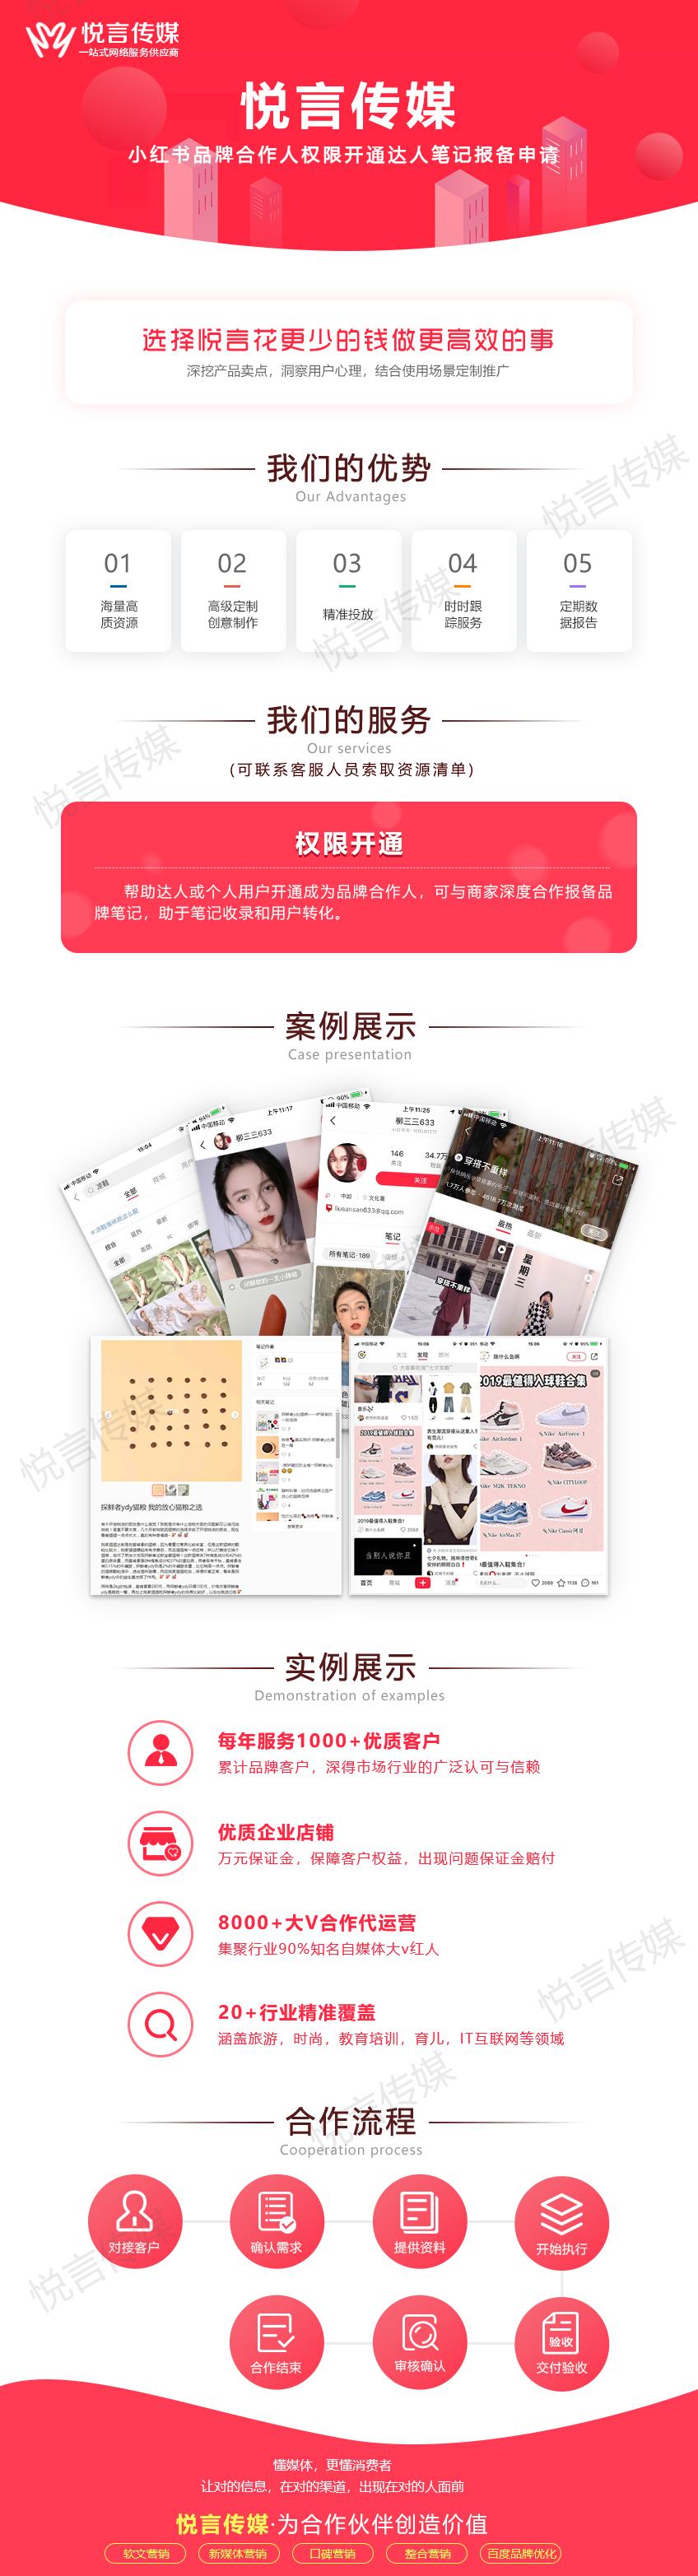 小红书品牌合作权限代开/小红书推广